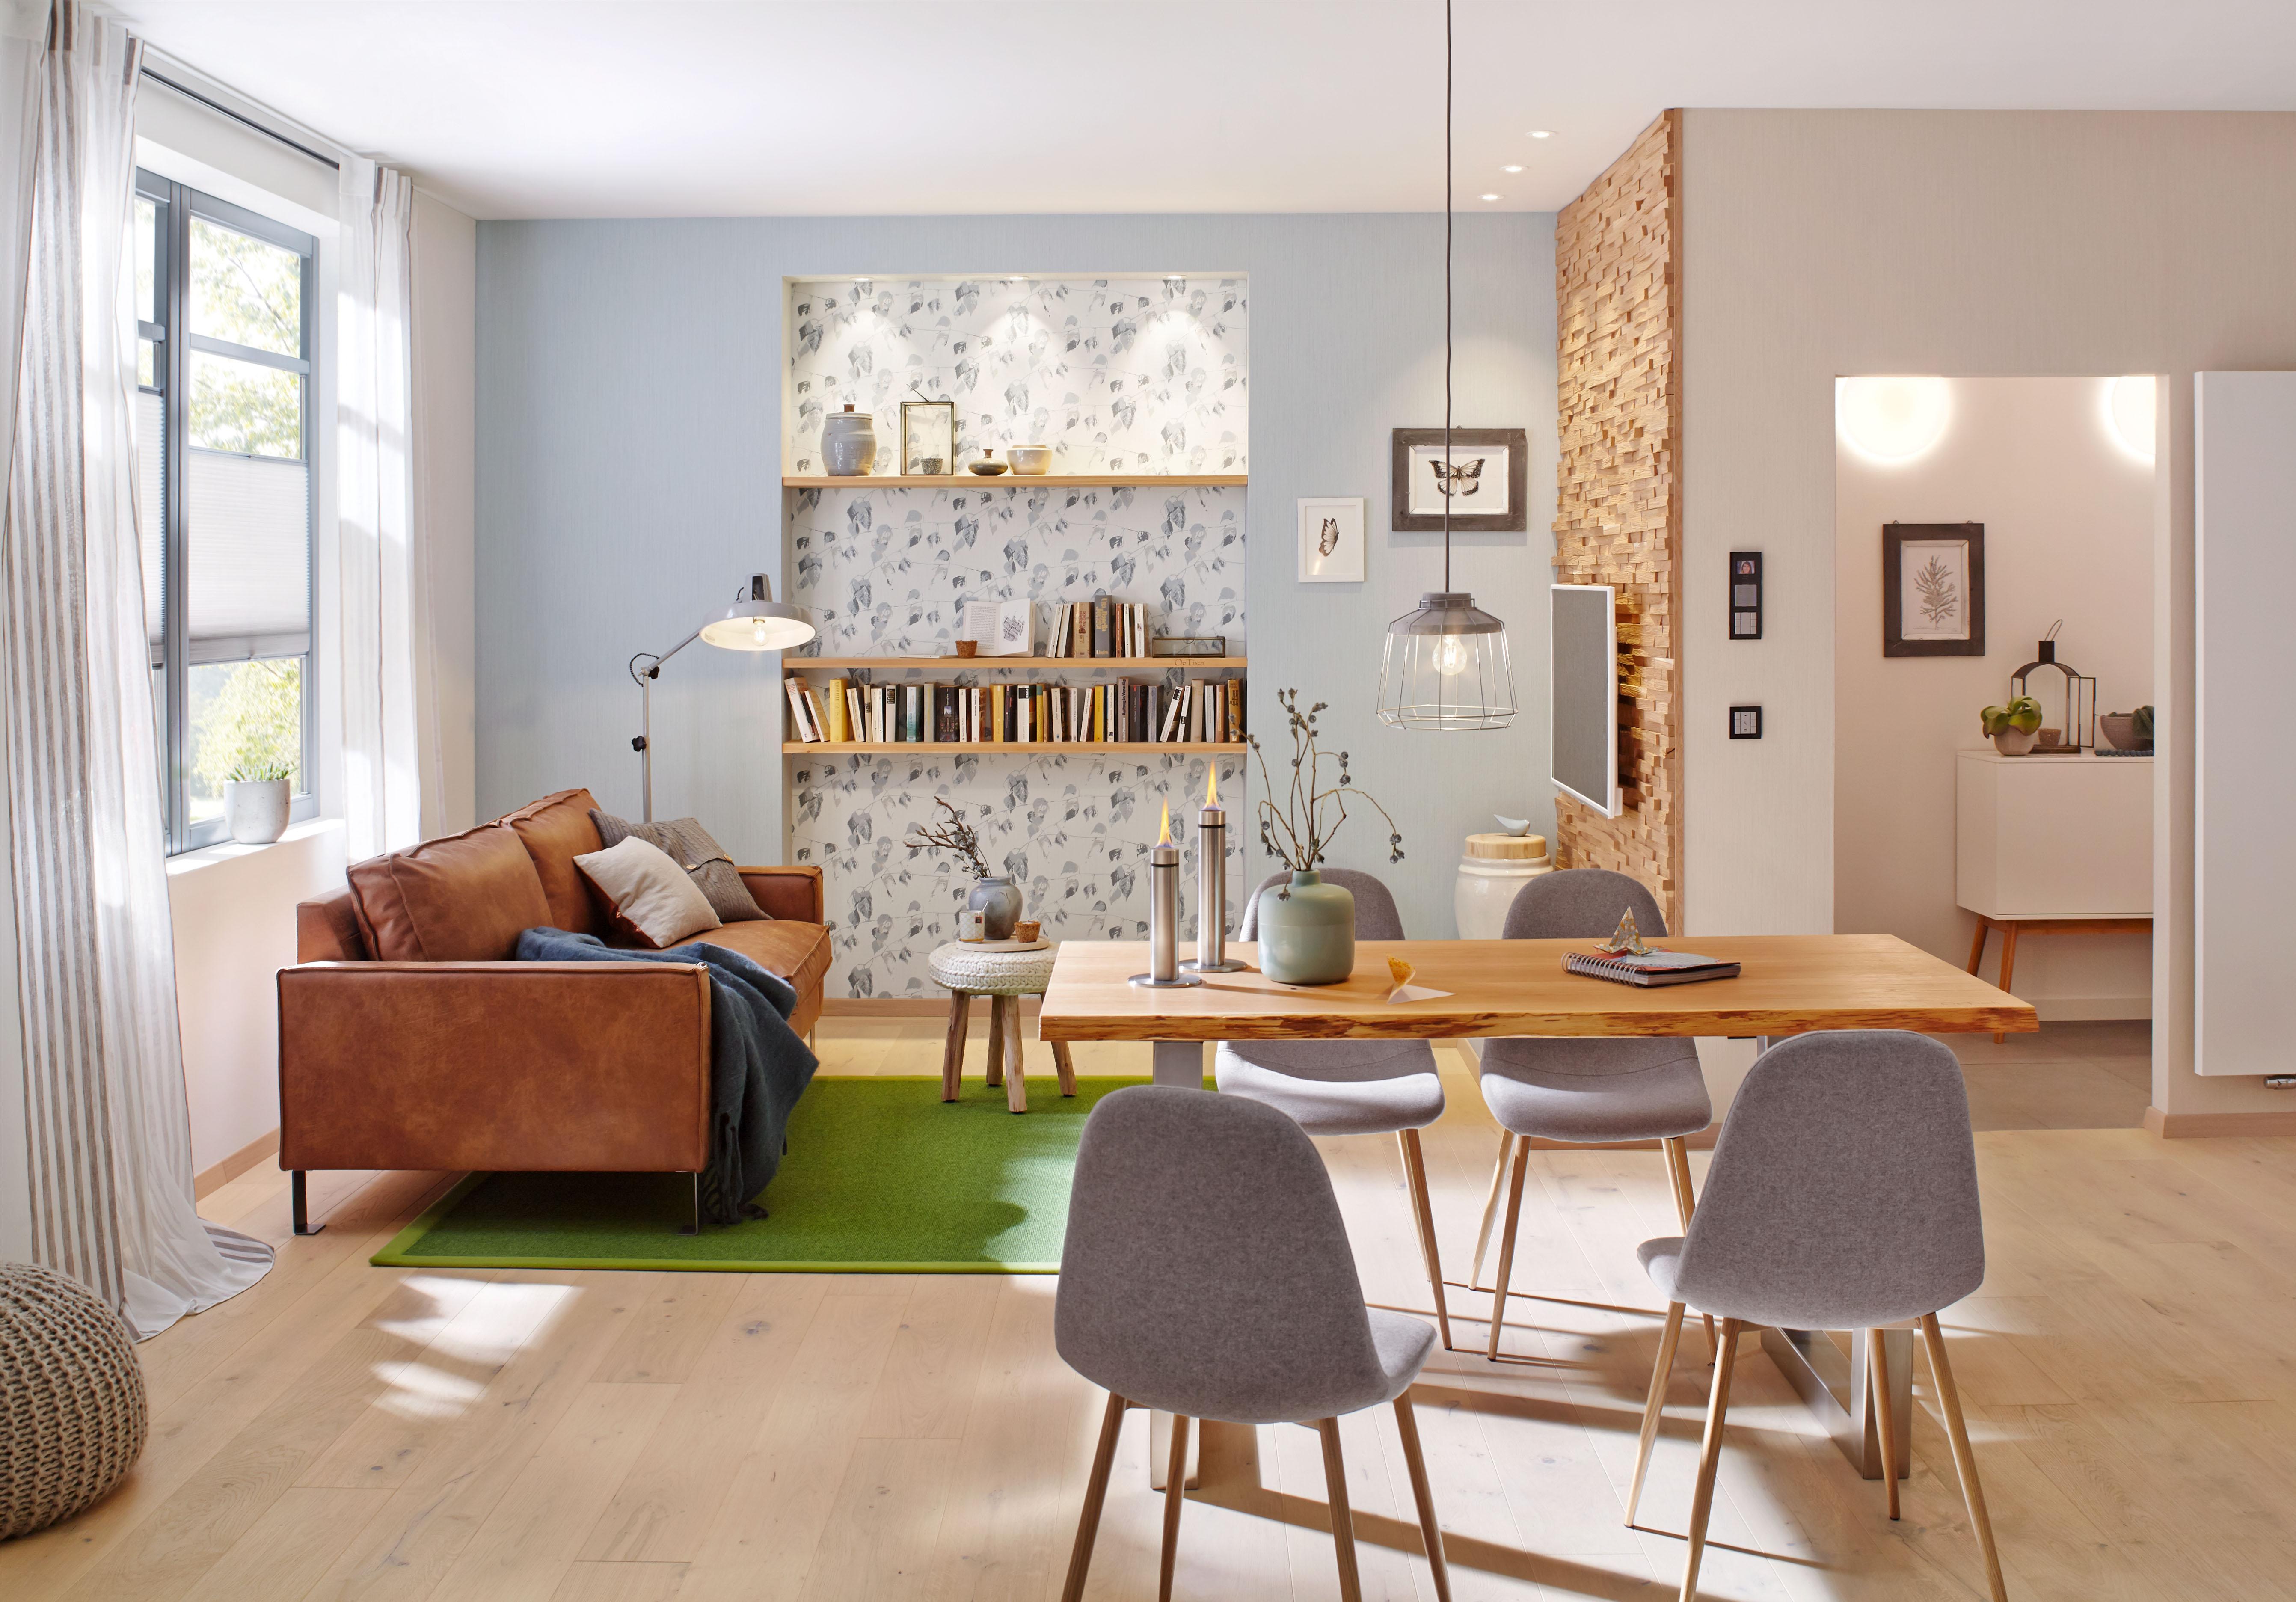 Smarte beleuchtungssysteme tauchen ihr zuhause in ein ganz neues licht - Beleuchtungssysteme wohnzimmer ...